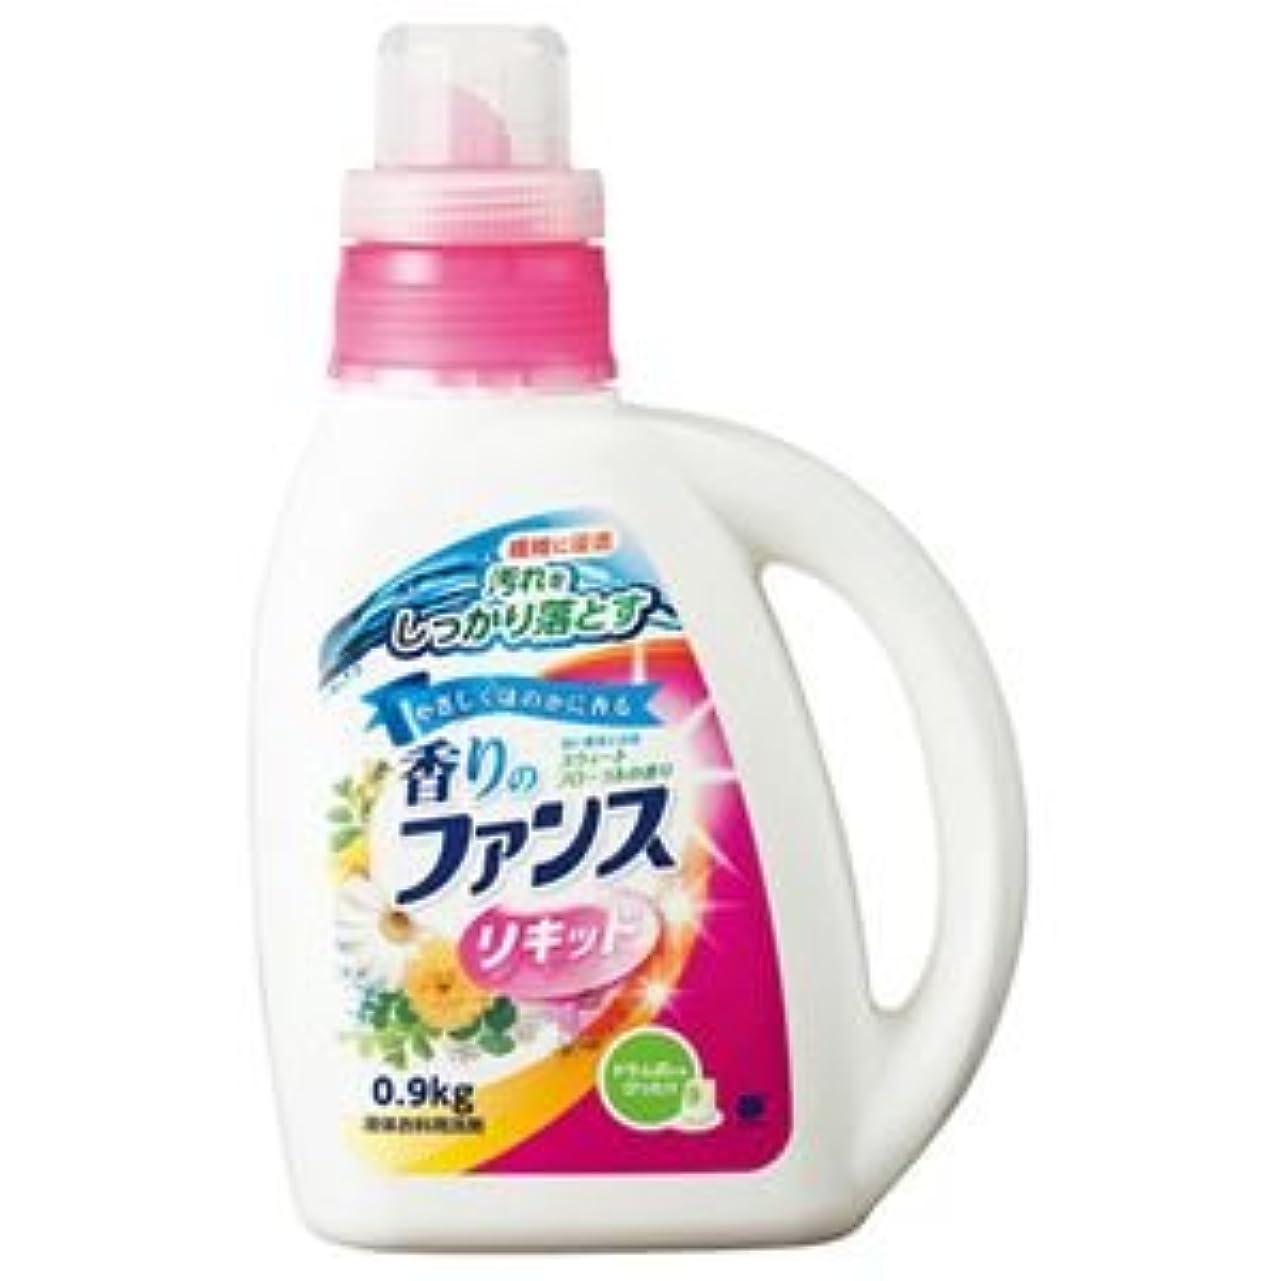 レタス自治誕生日(まとめ) 第一石鹸 香りのファンス 液体衣料用洗剤リキッド 本体 0.9kg 1本 【×10セット】